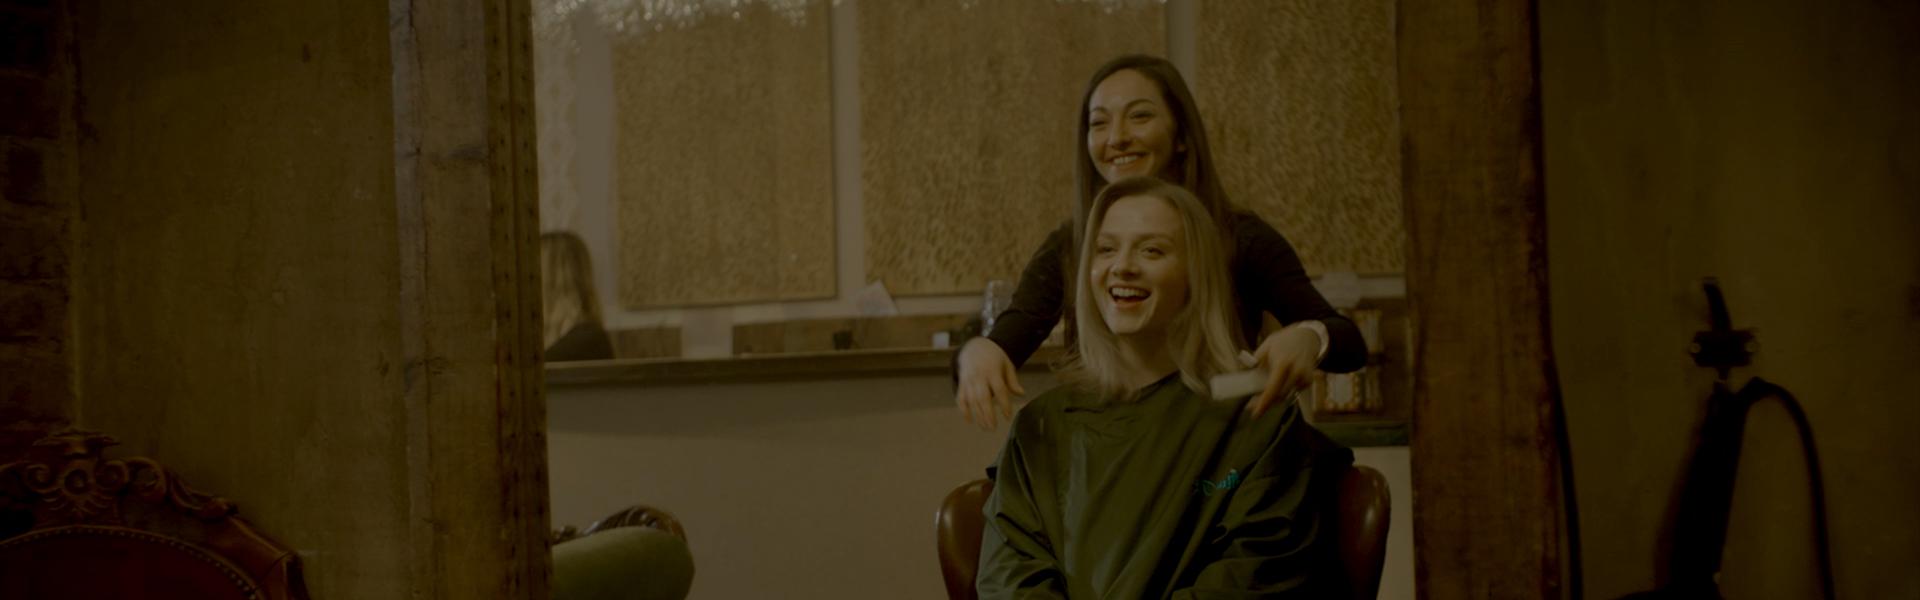 两位女士在发廊里